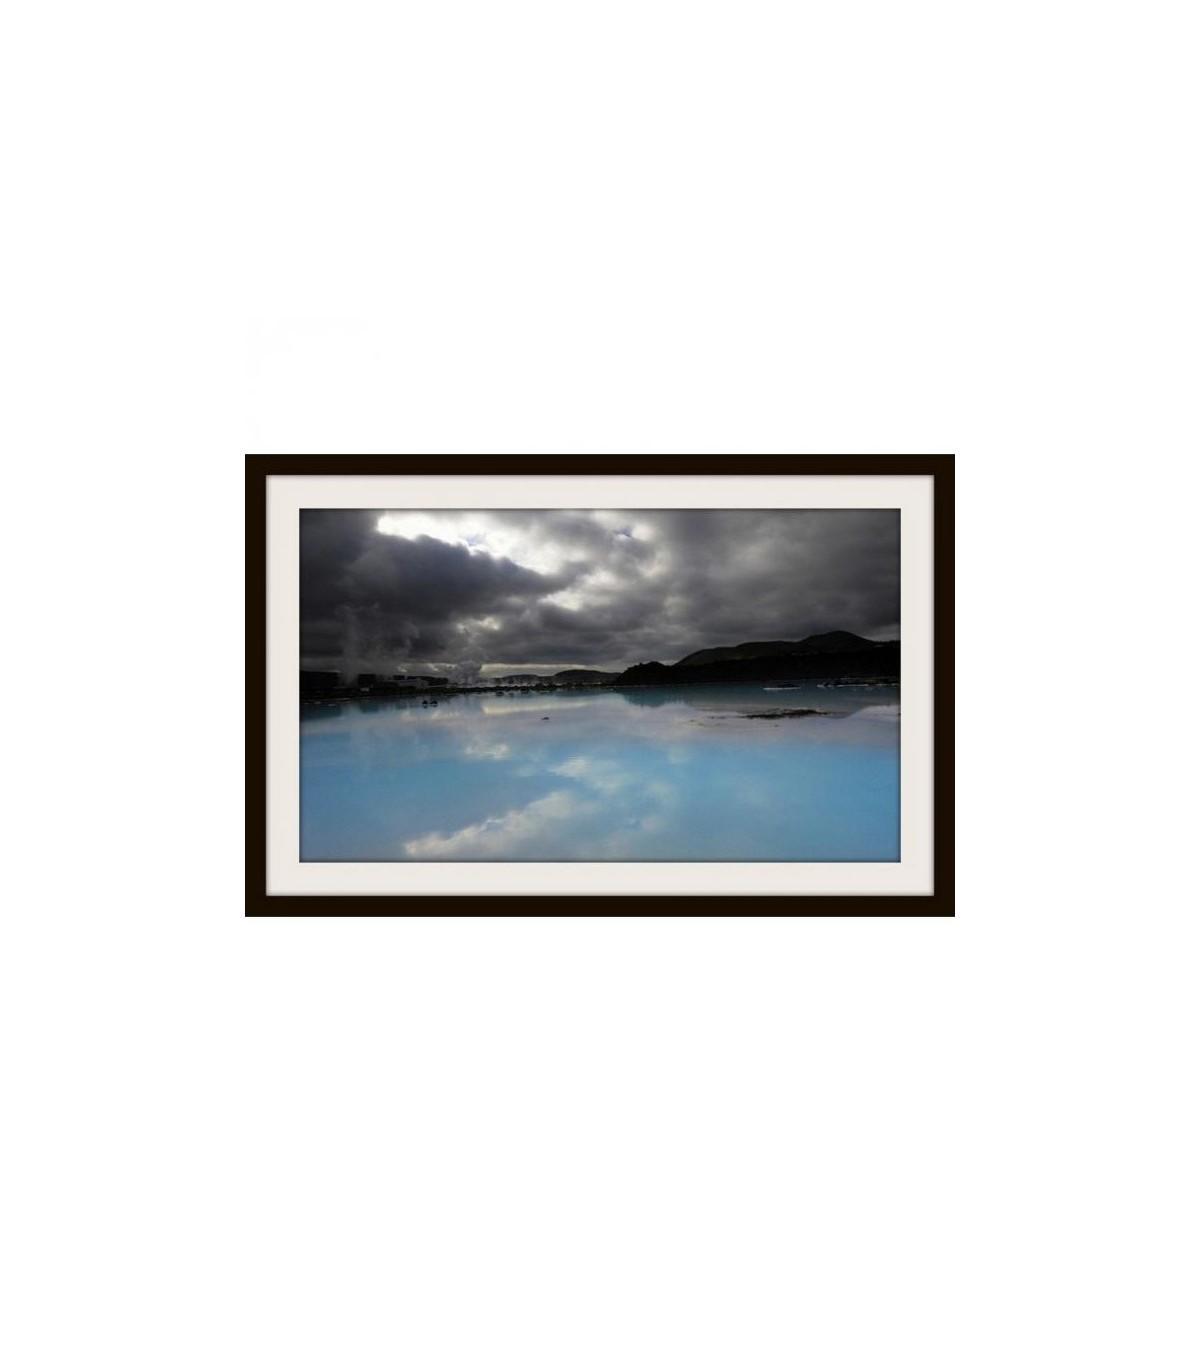 Couleur Avec Bleu Ciel photographie d'un lac bleu turquoise avec ciel gris, acheter